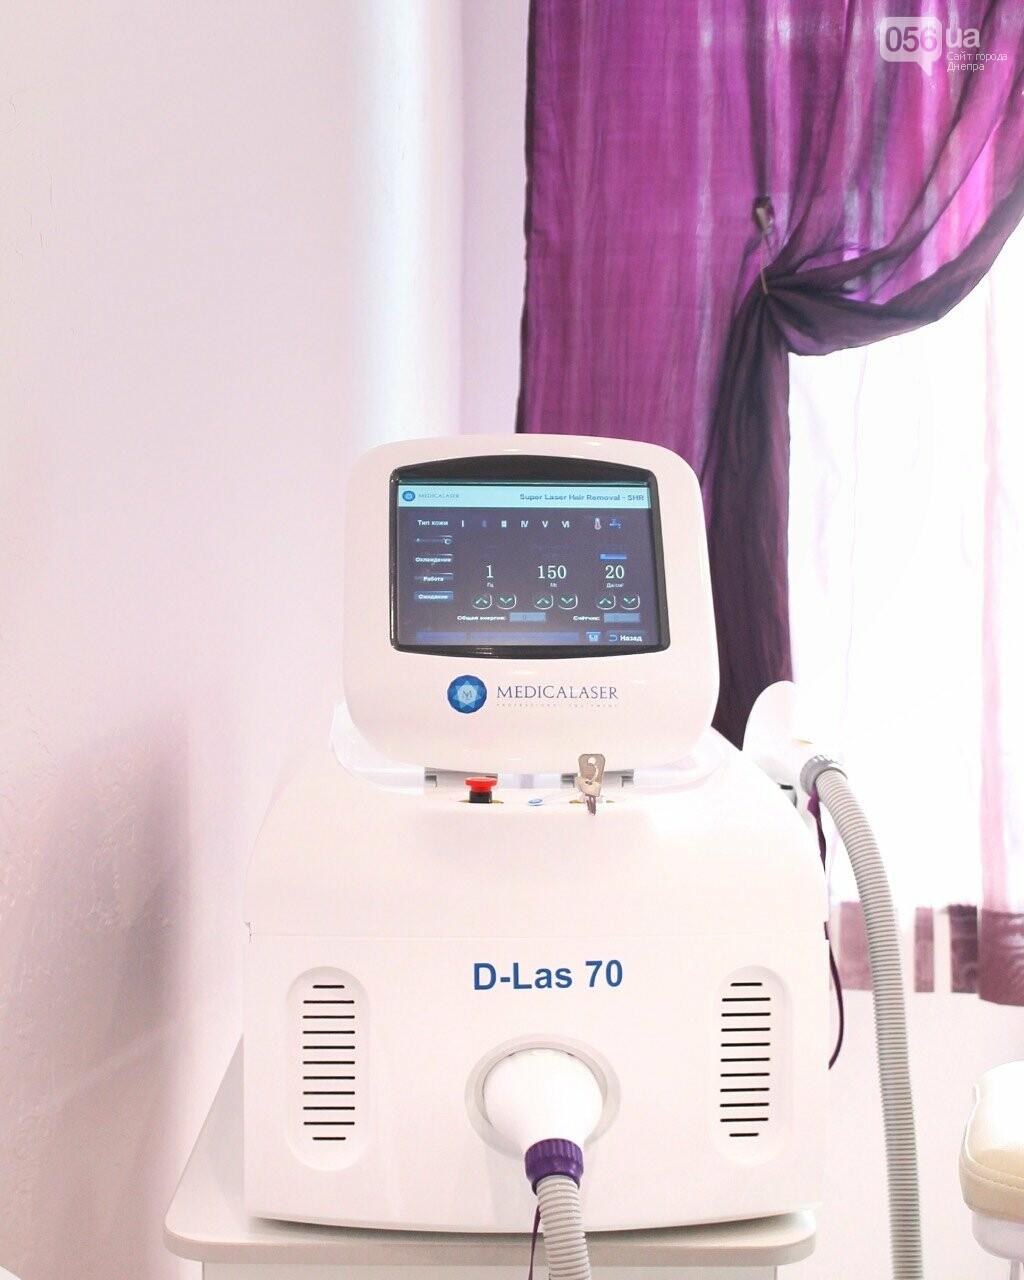 Новейшее оборудование для лазерной эпиляции уже в Днепре, фото-3